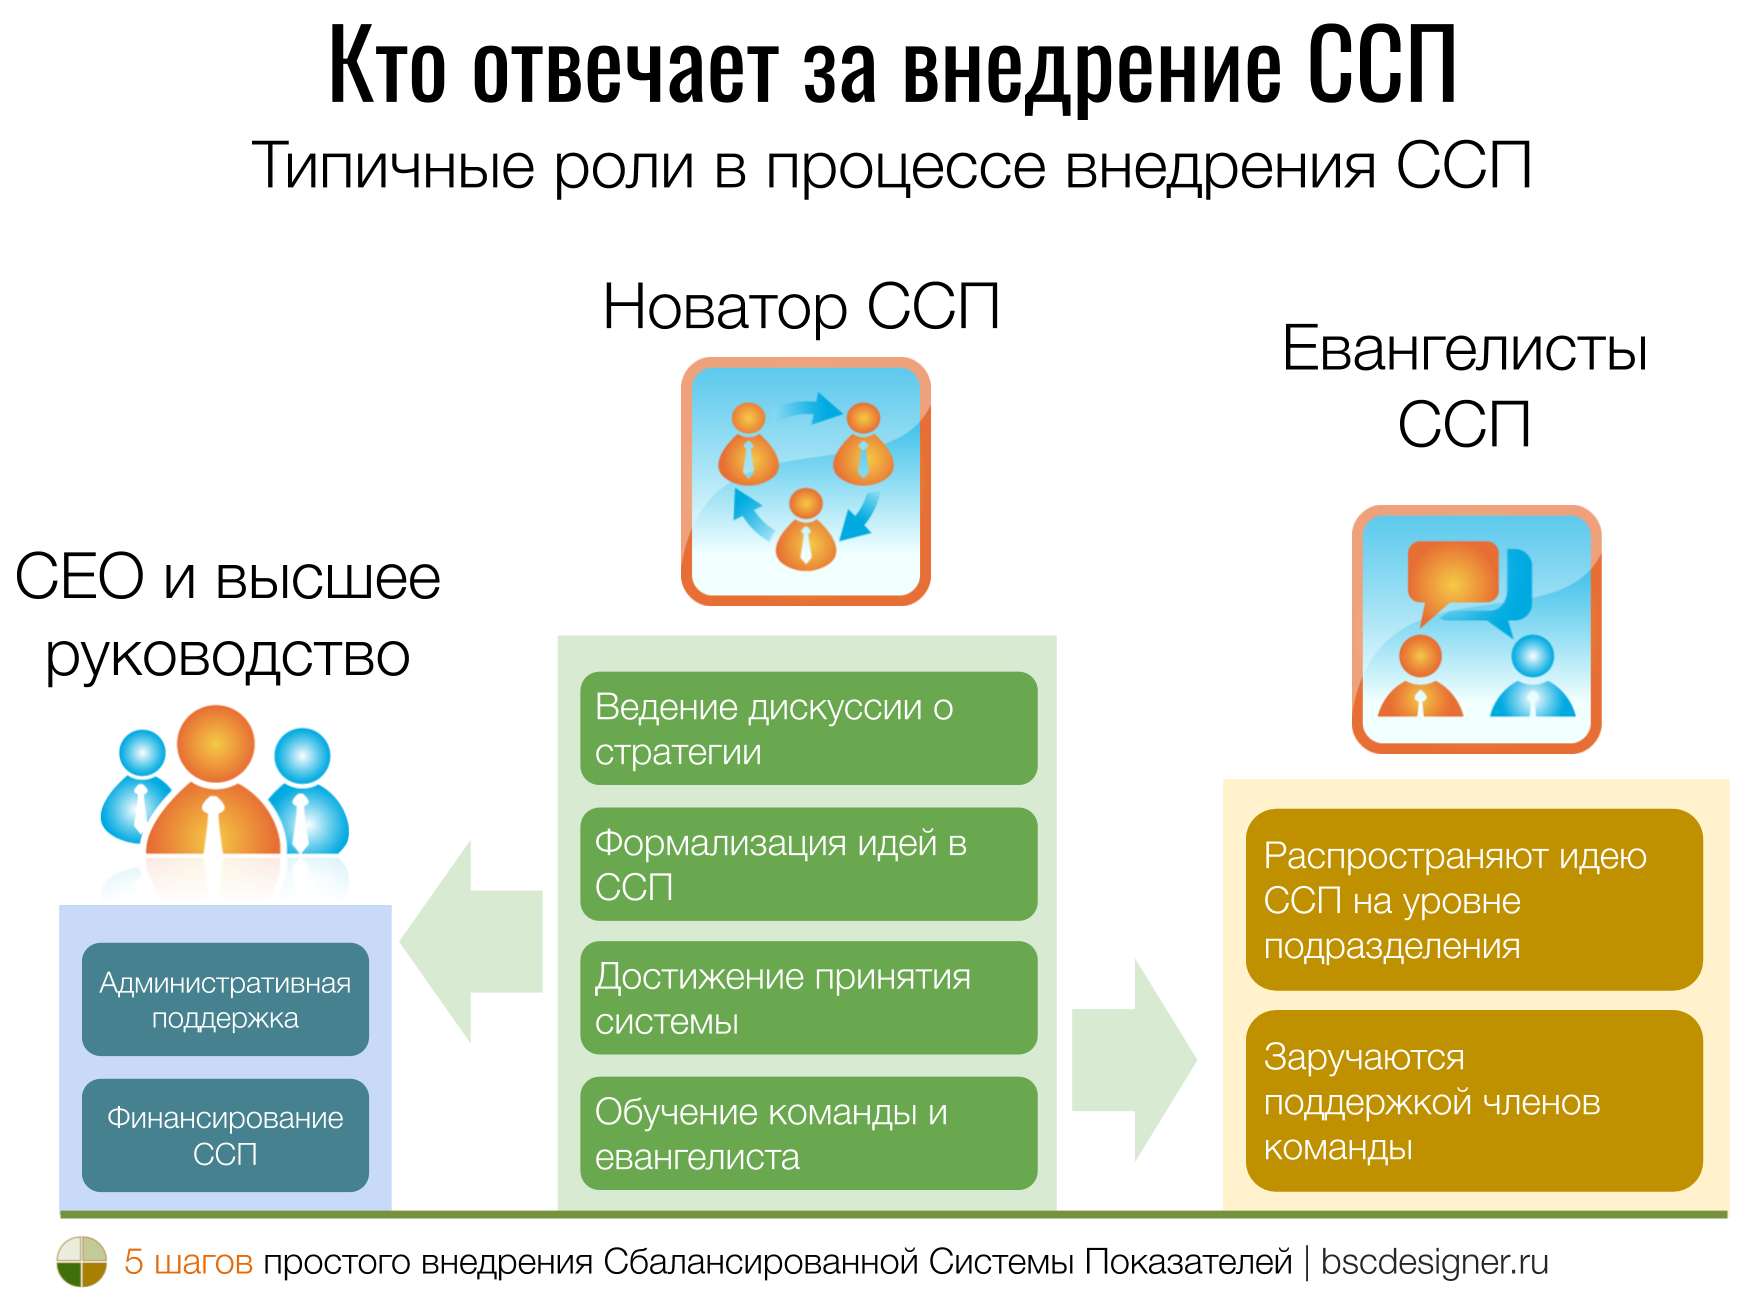 Кто отвечает за внедрение ССП? Типичные роли в процессе внедрения ССП.